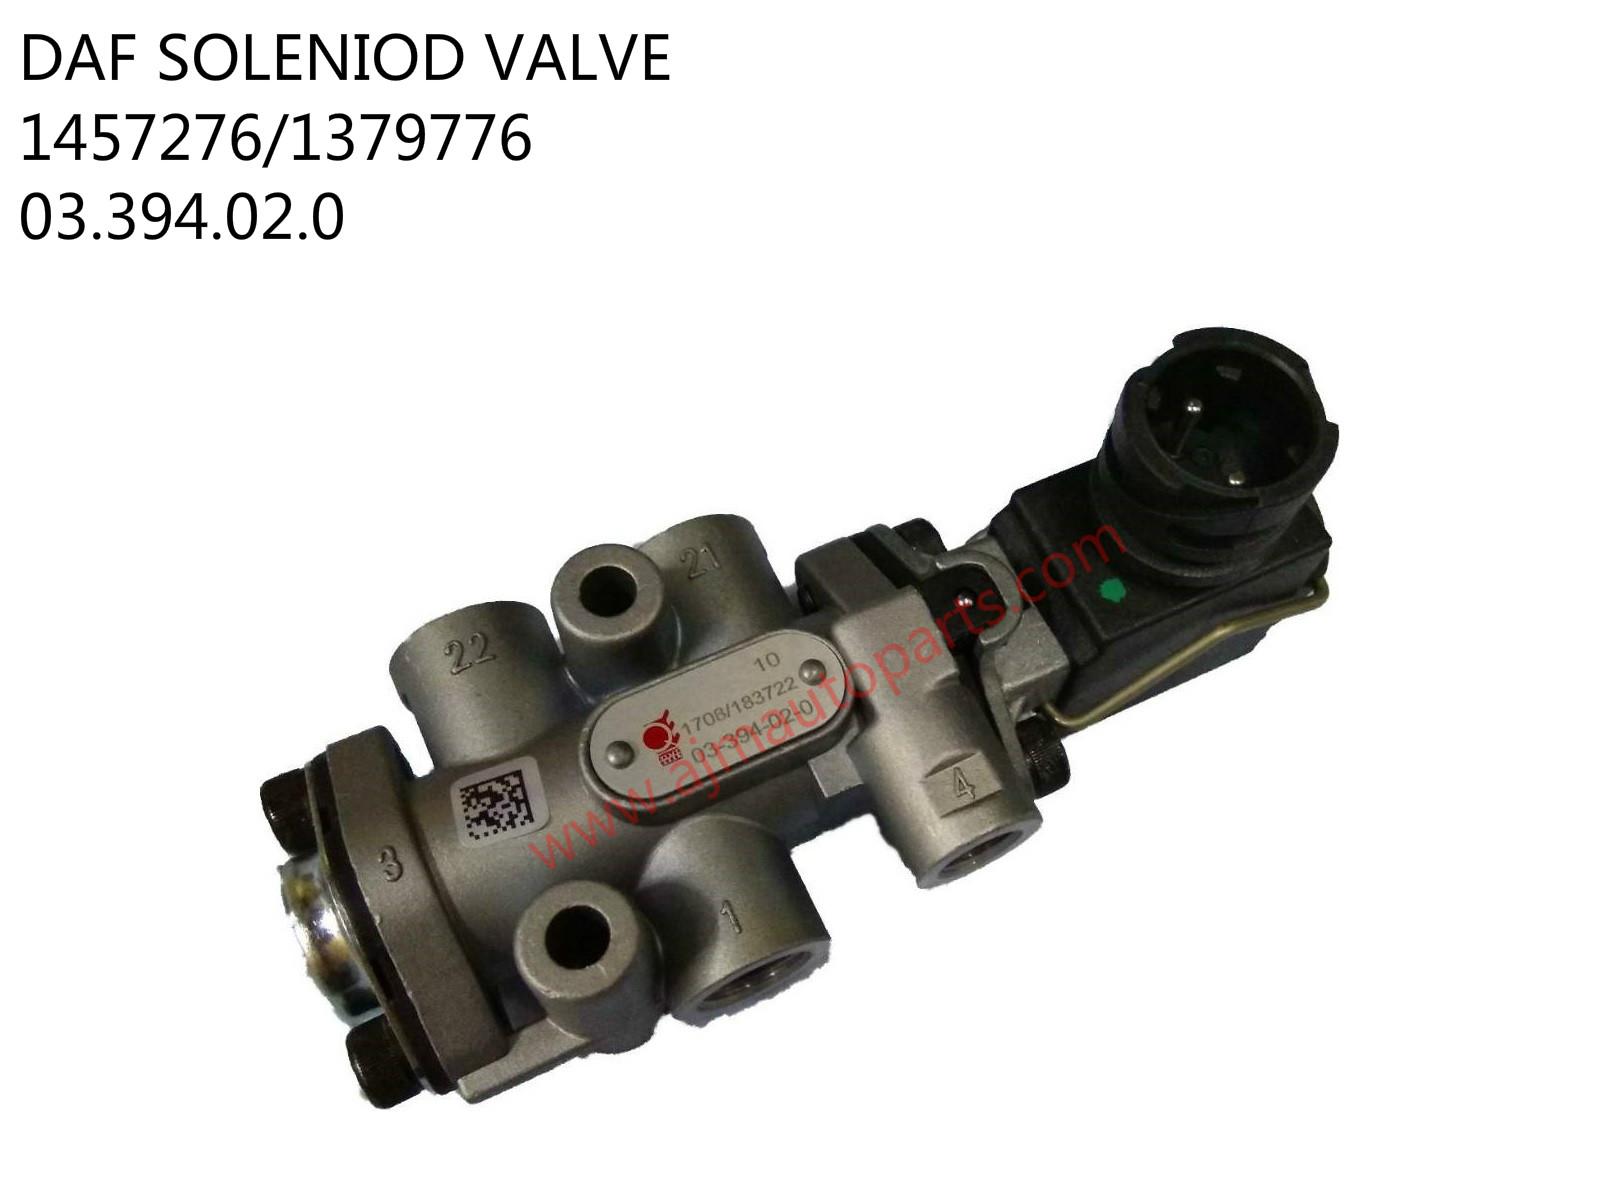 DAF SOLENIOD VALVE-1457276-1379776